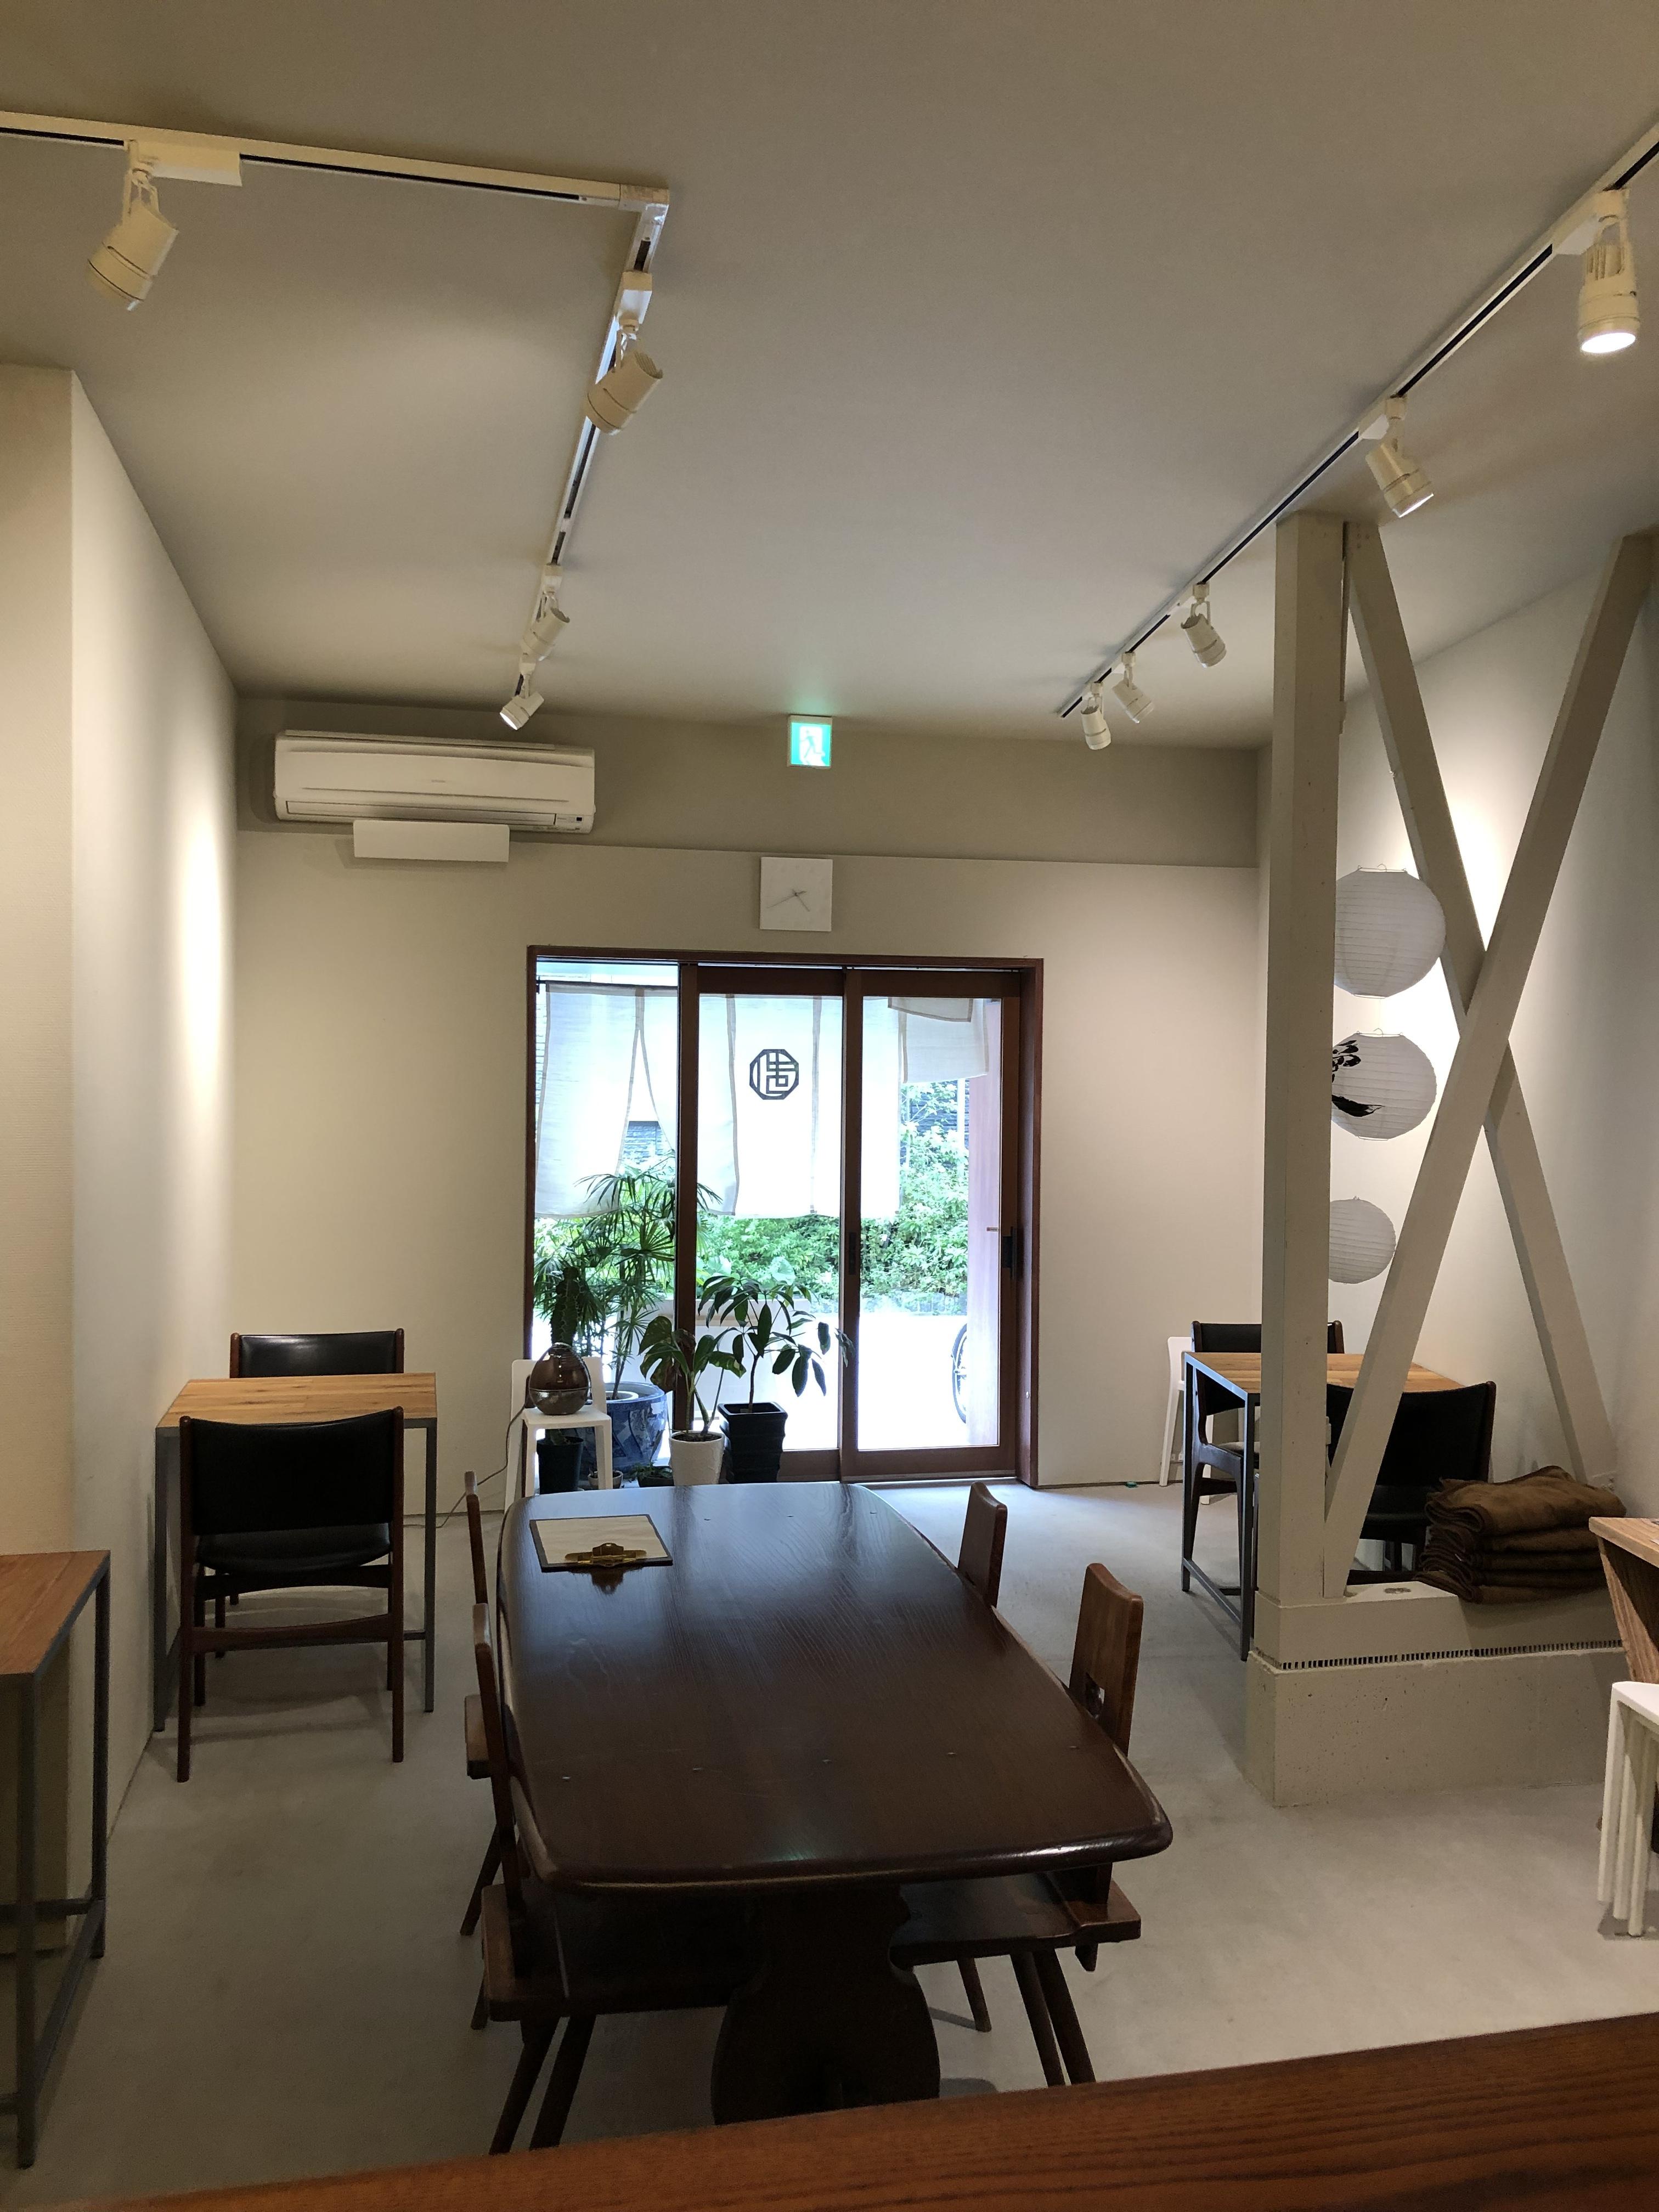 ギャラリー&カフェMATSURI ギャラリー、サロンスペースの室内の写真